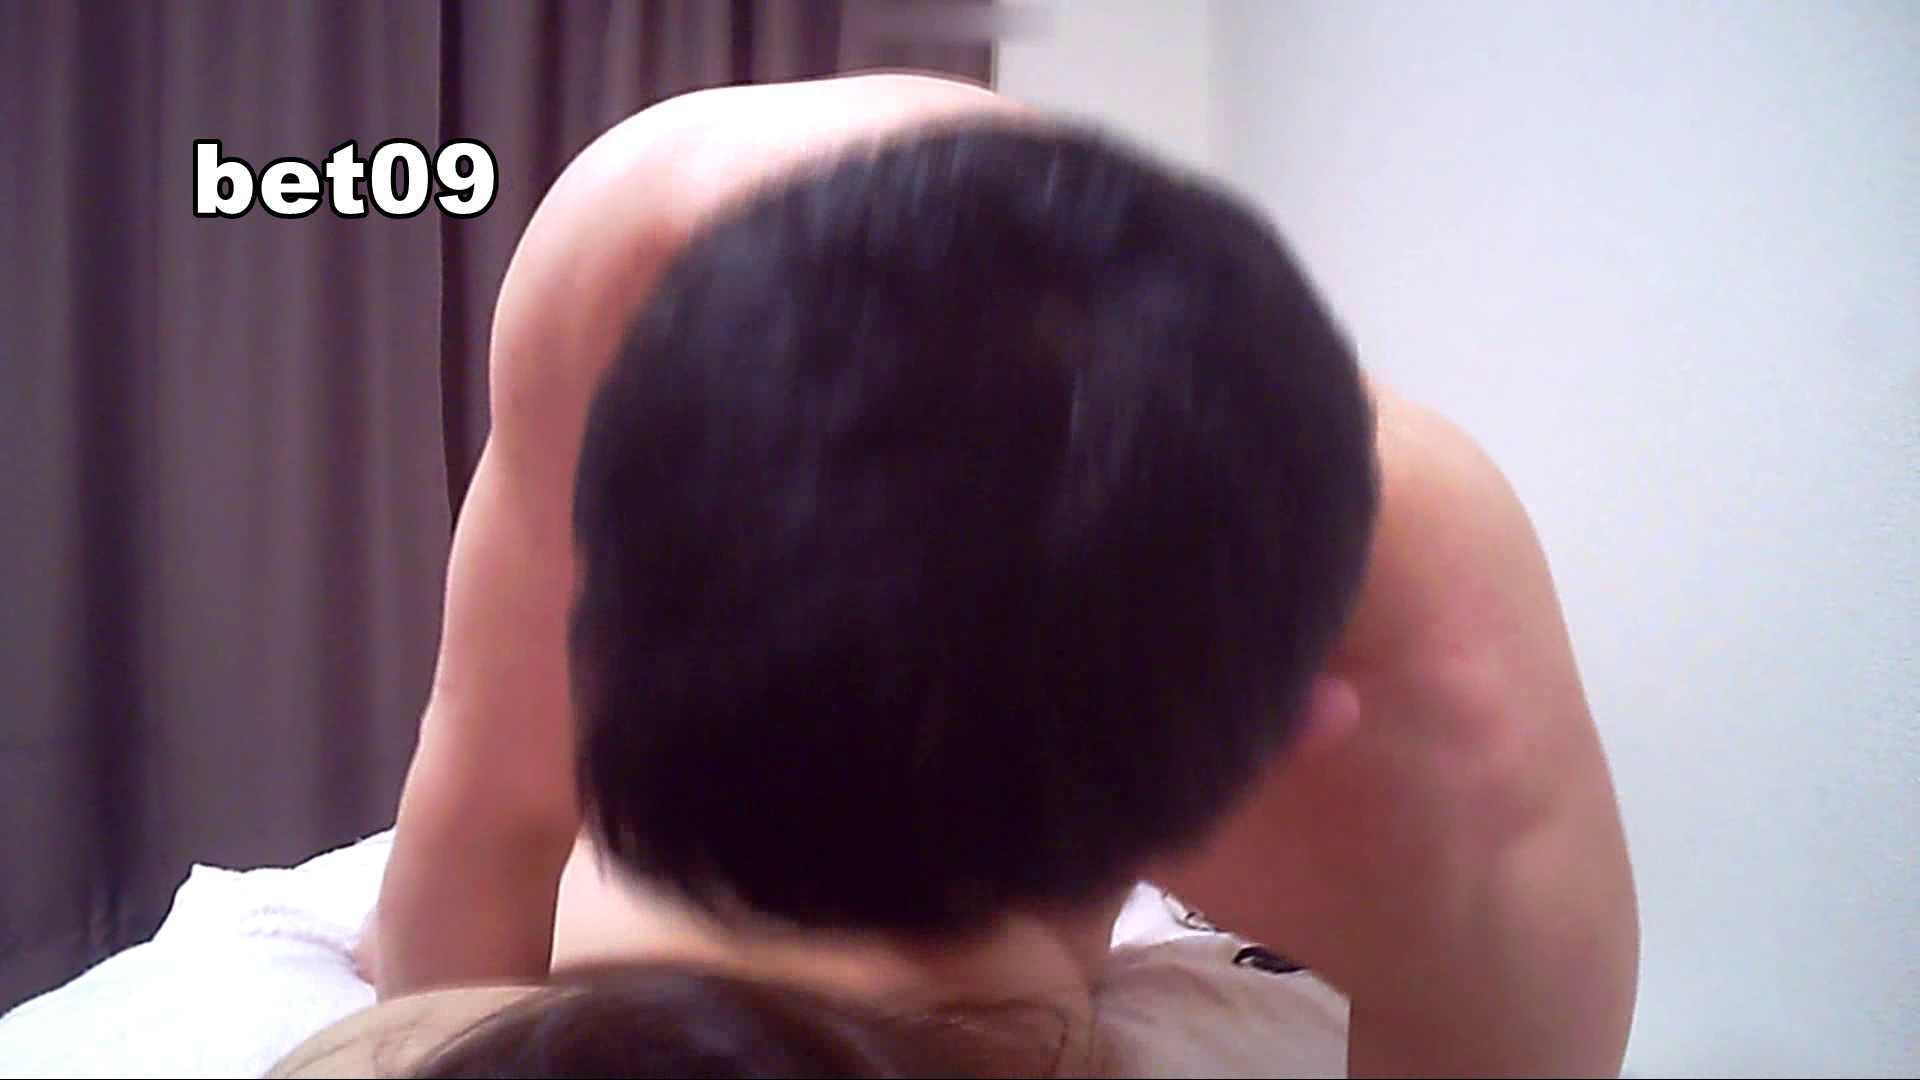 ミキ・大手旅行代理店勤務(24歳・仮名) vol.09 ミキの顔が紅潮してきます フェラ  55連発 12